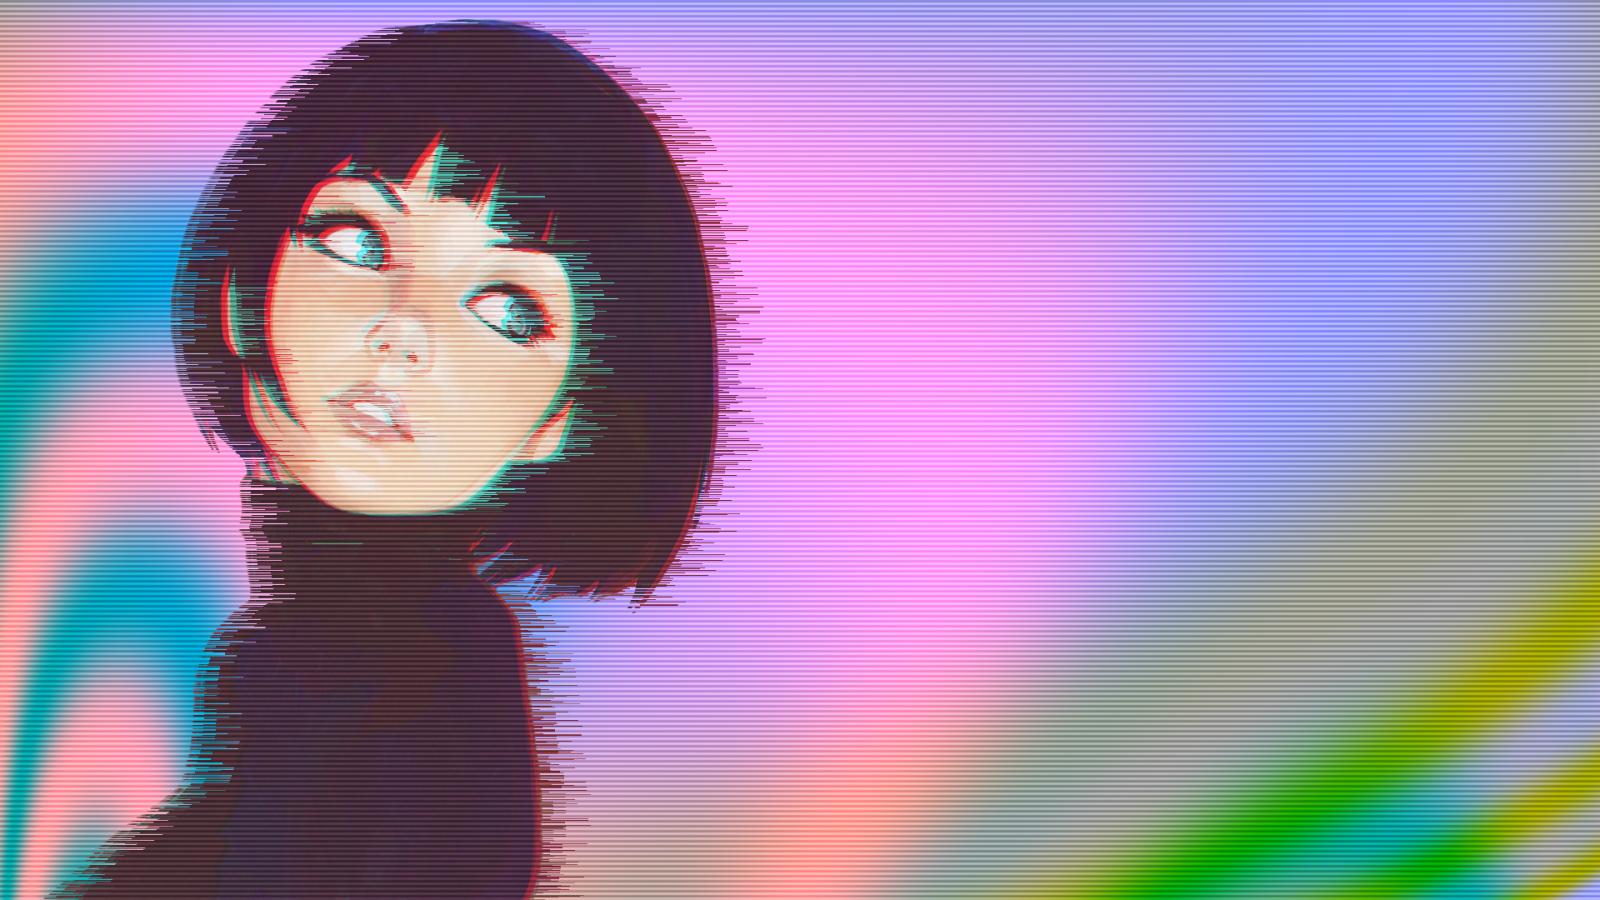 wallpaper vaporwave anime 1920x1080